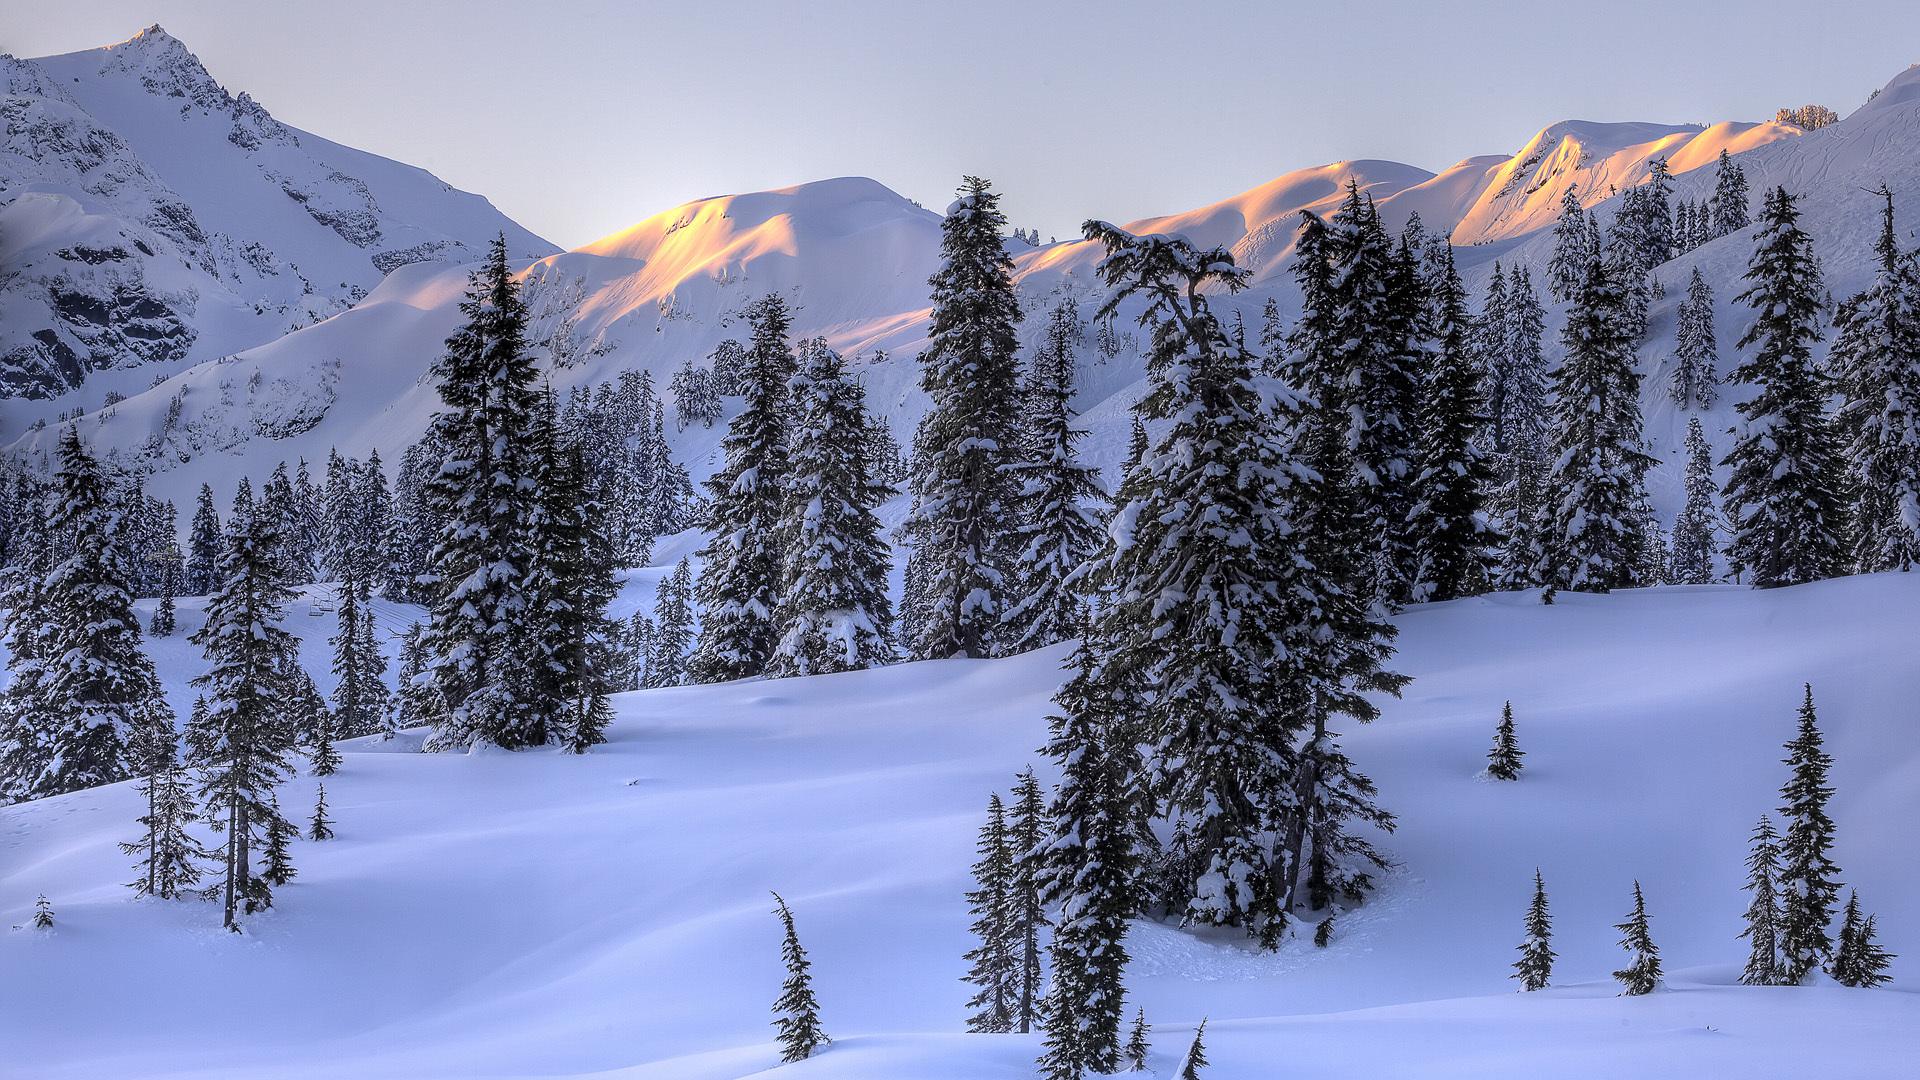 31304 скачать обои Пейзаж, Деревья, Горы, Снег - заставки и картинки бесплатно